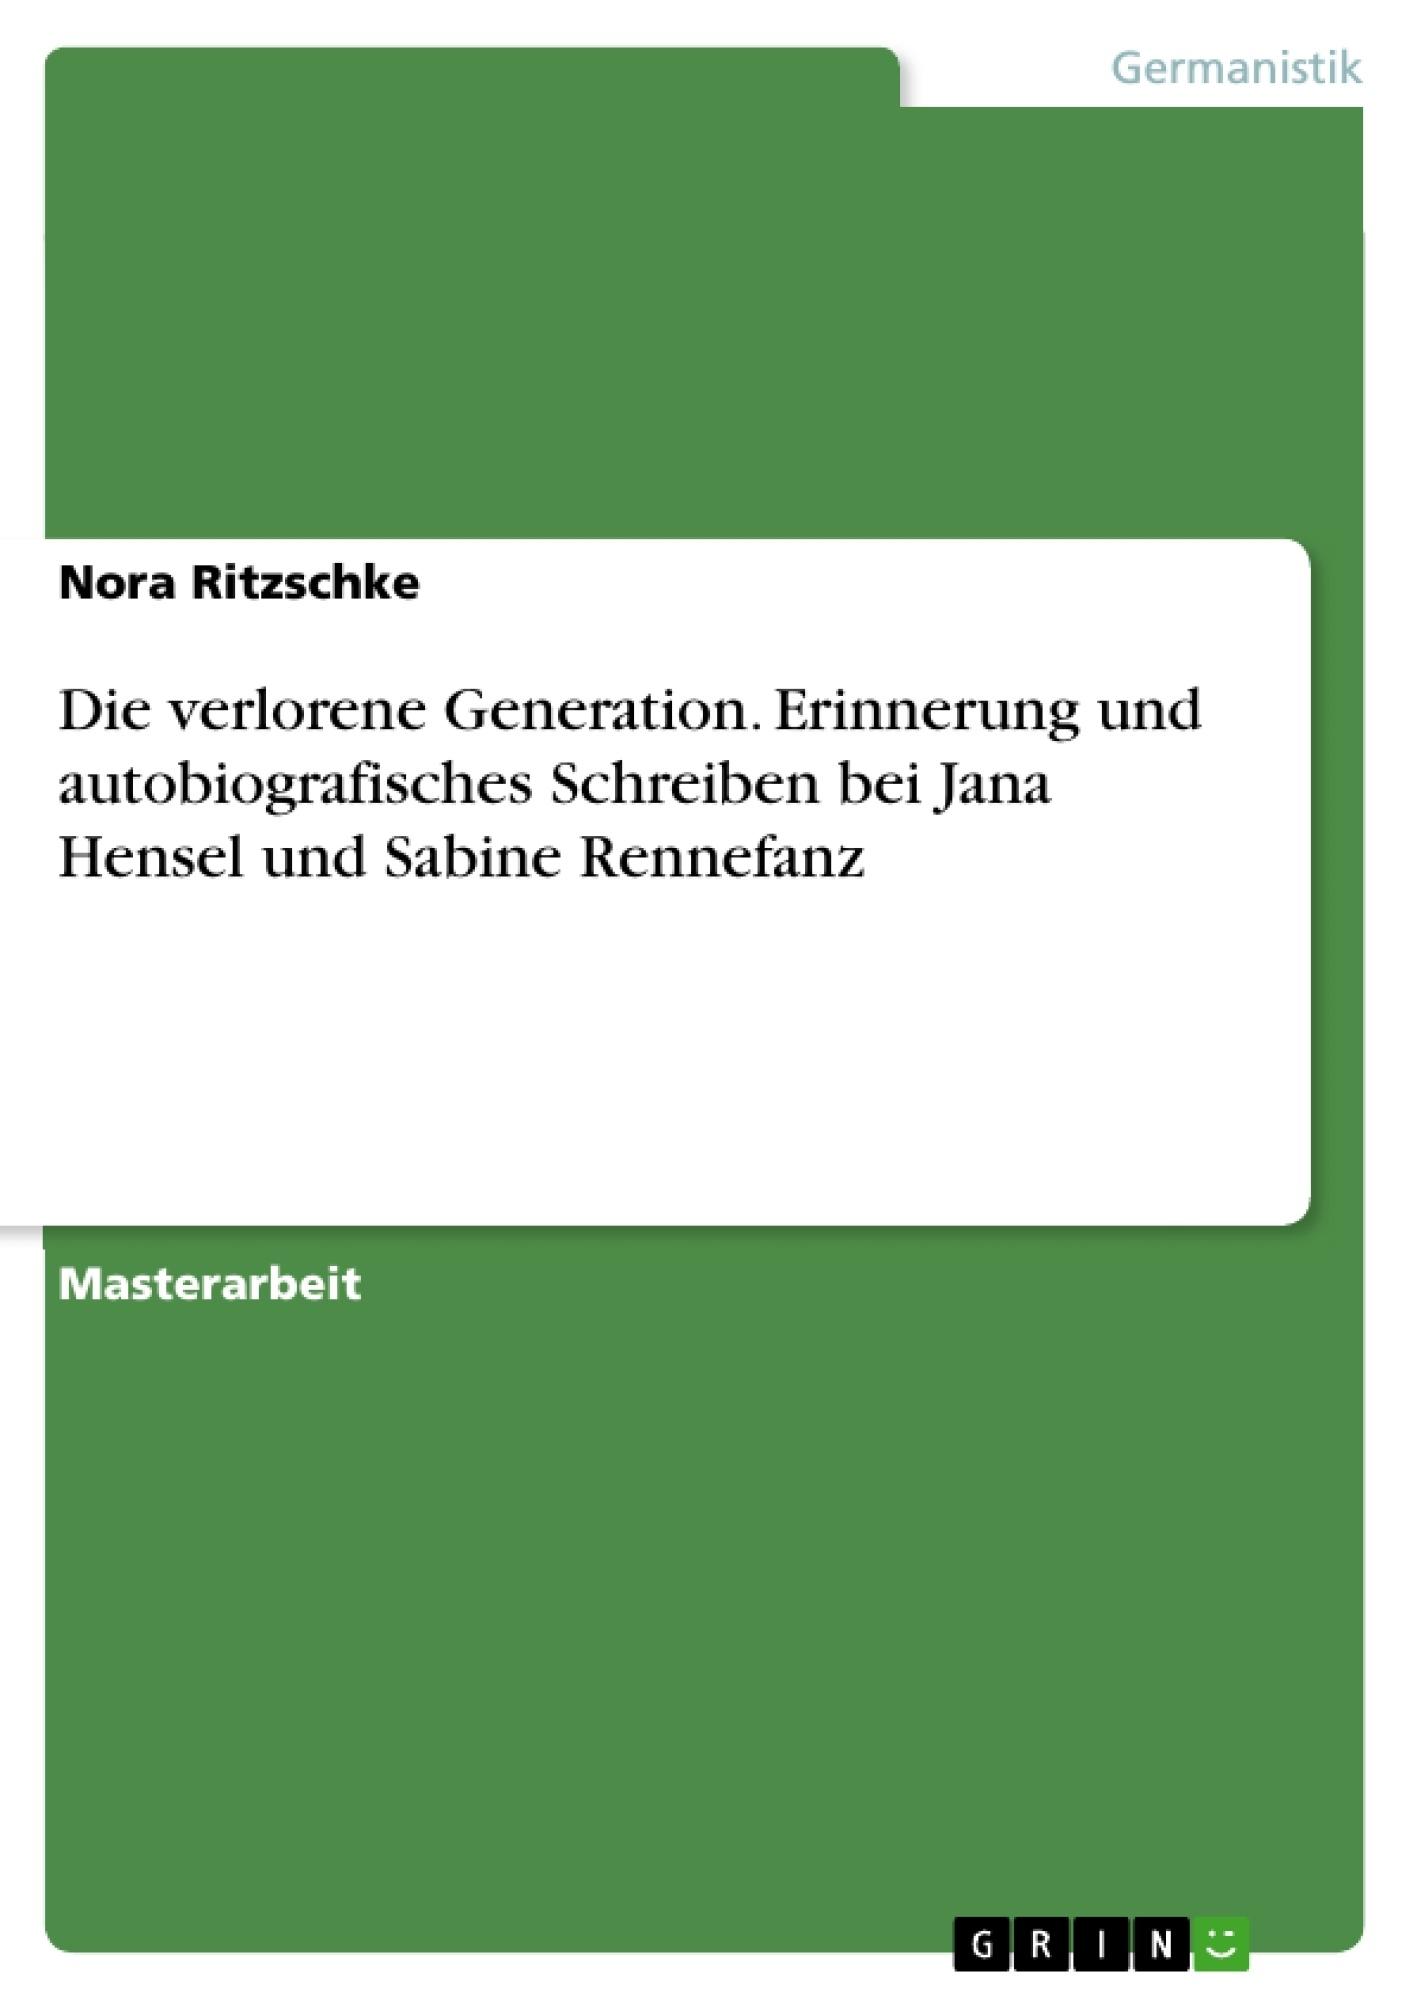 Titel: Die verlorene Generation. Erinnerung und autobiografisches Schreiben bei Jana Hensel und Sabine Rennefanz